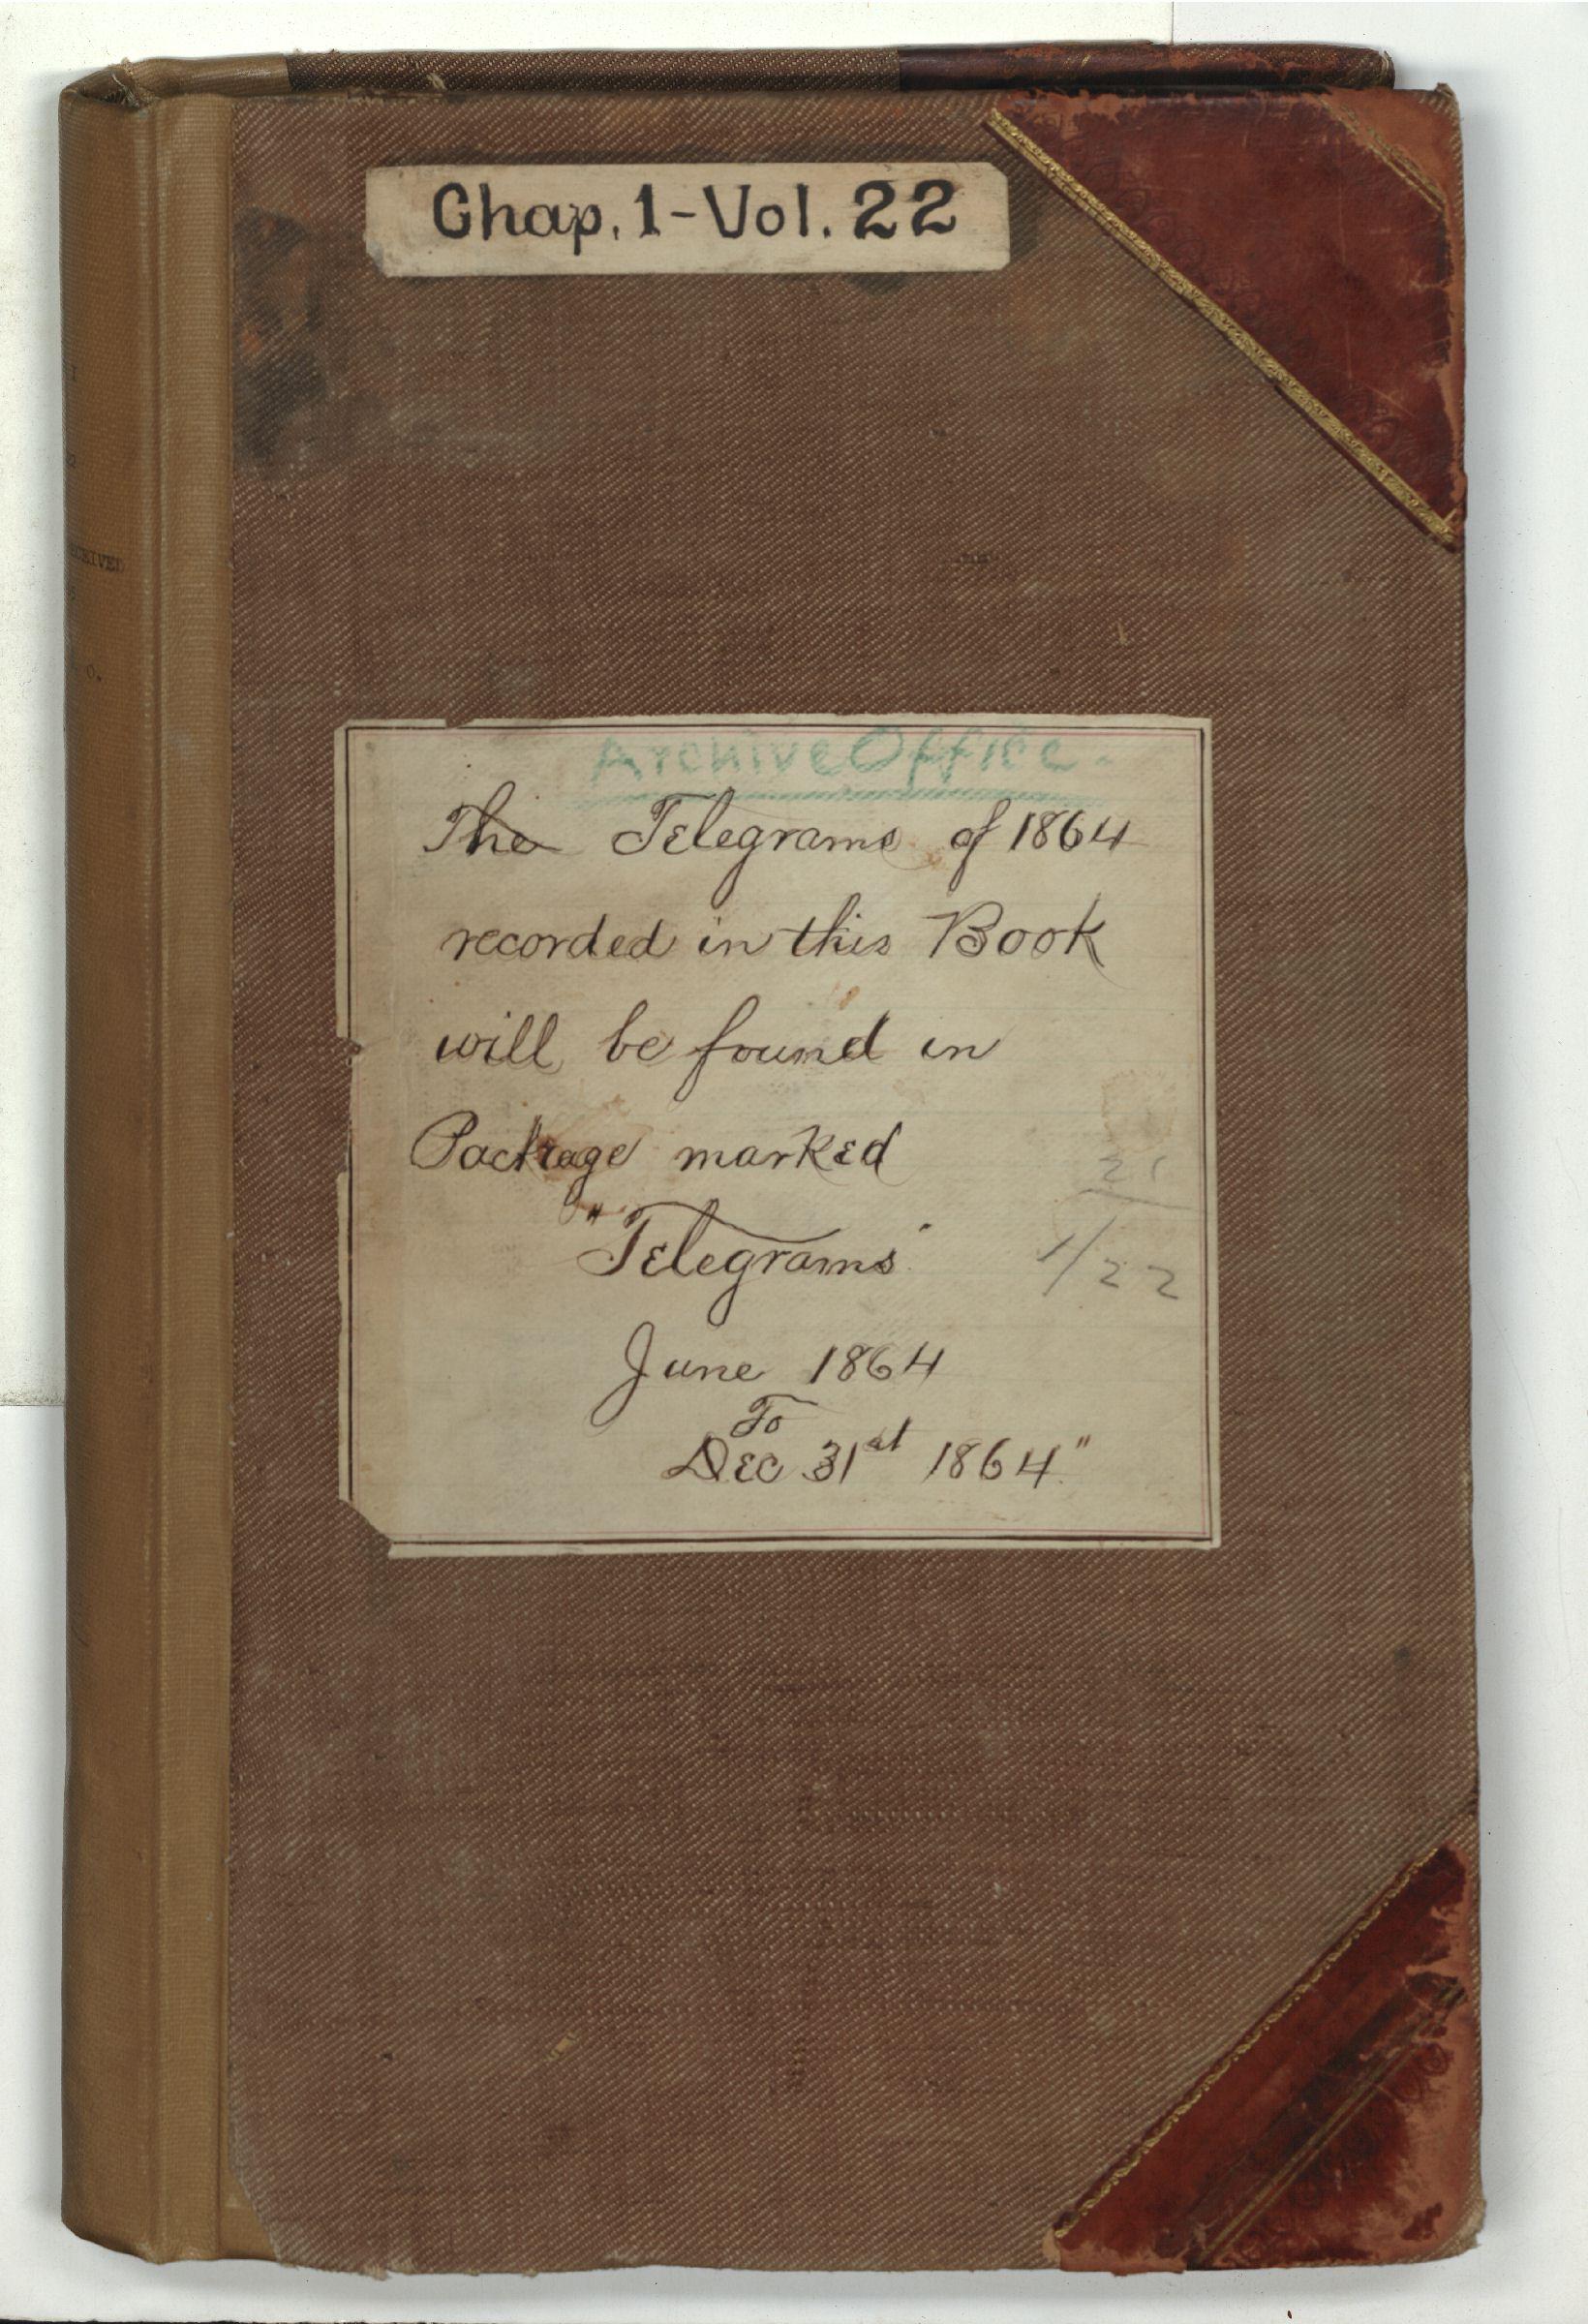 A&IGO - Telegrams Received, 1864-1865